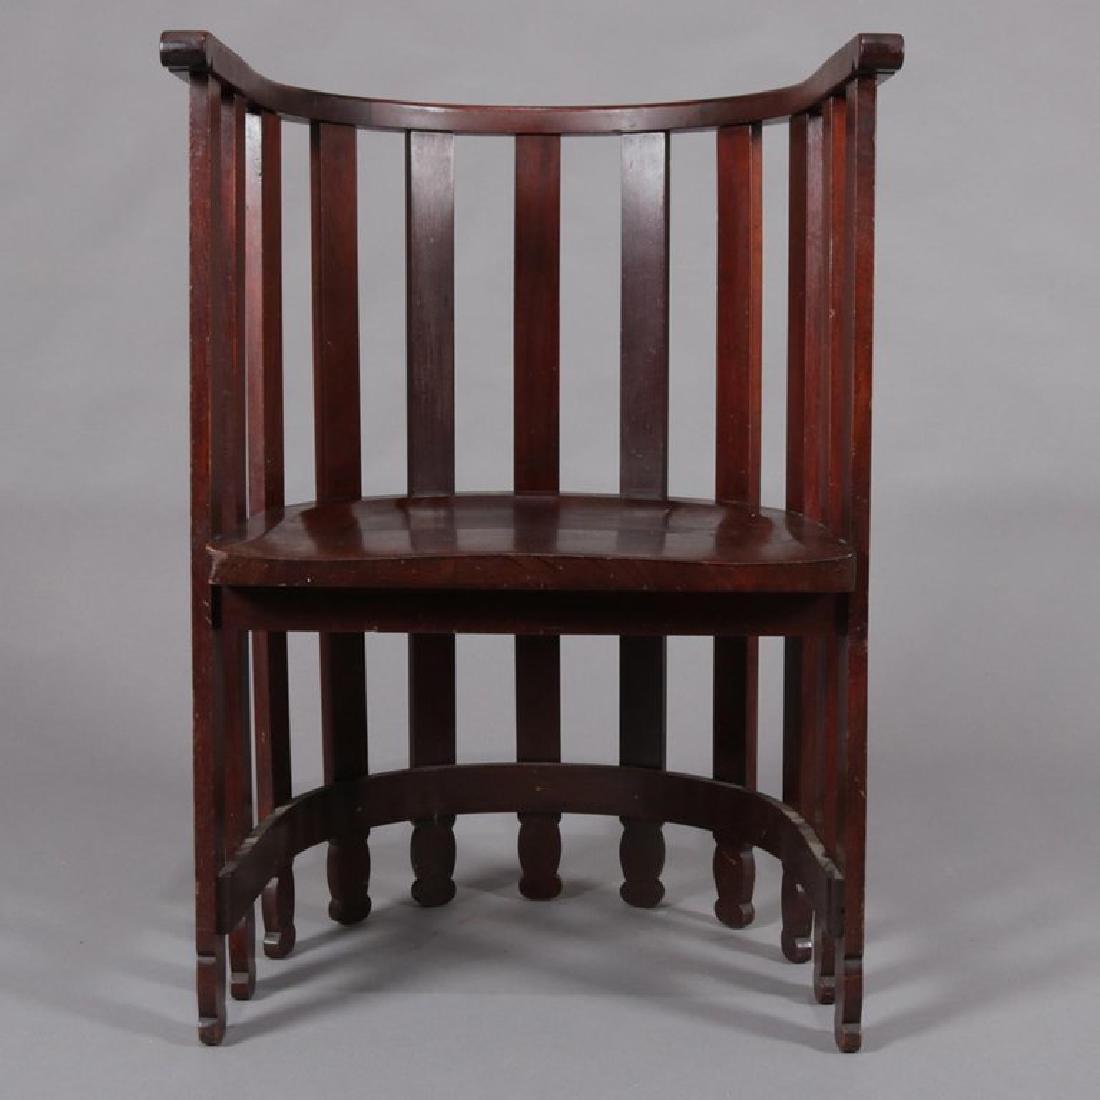 Arts & Crafts Prairie Frank Lloyd Wright School Chair - 3